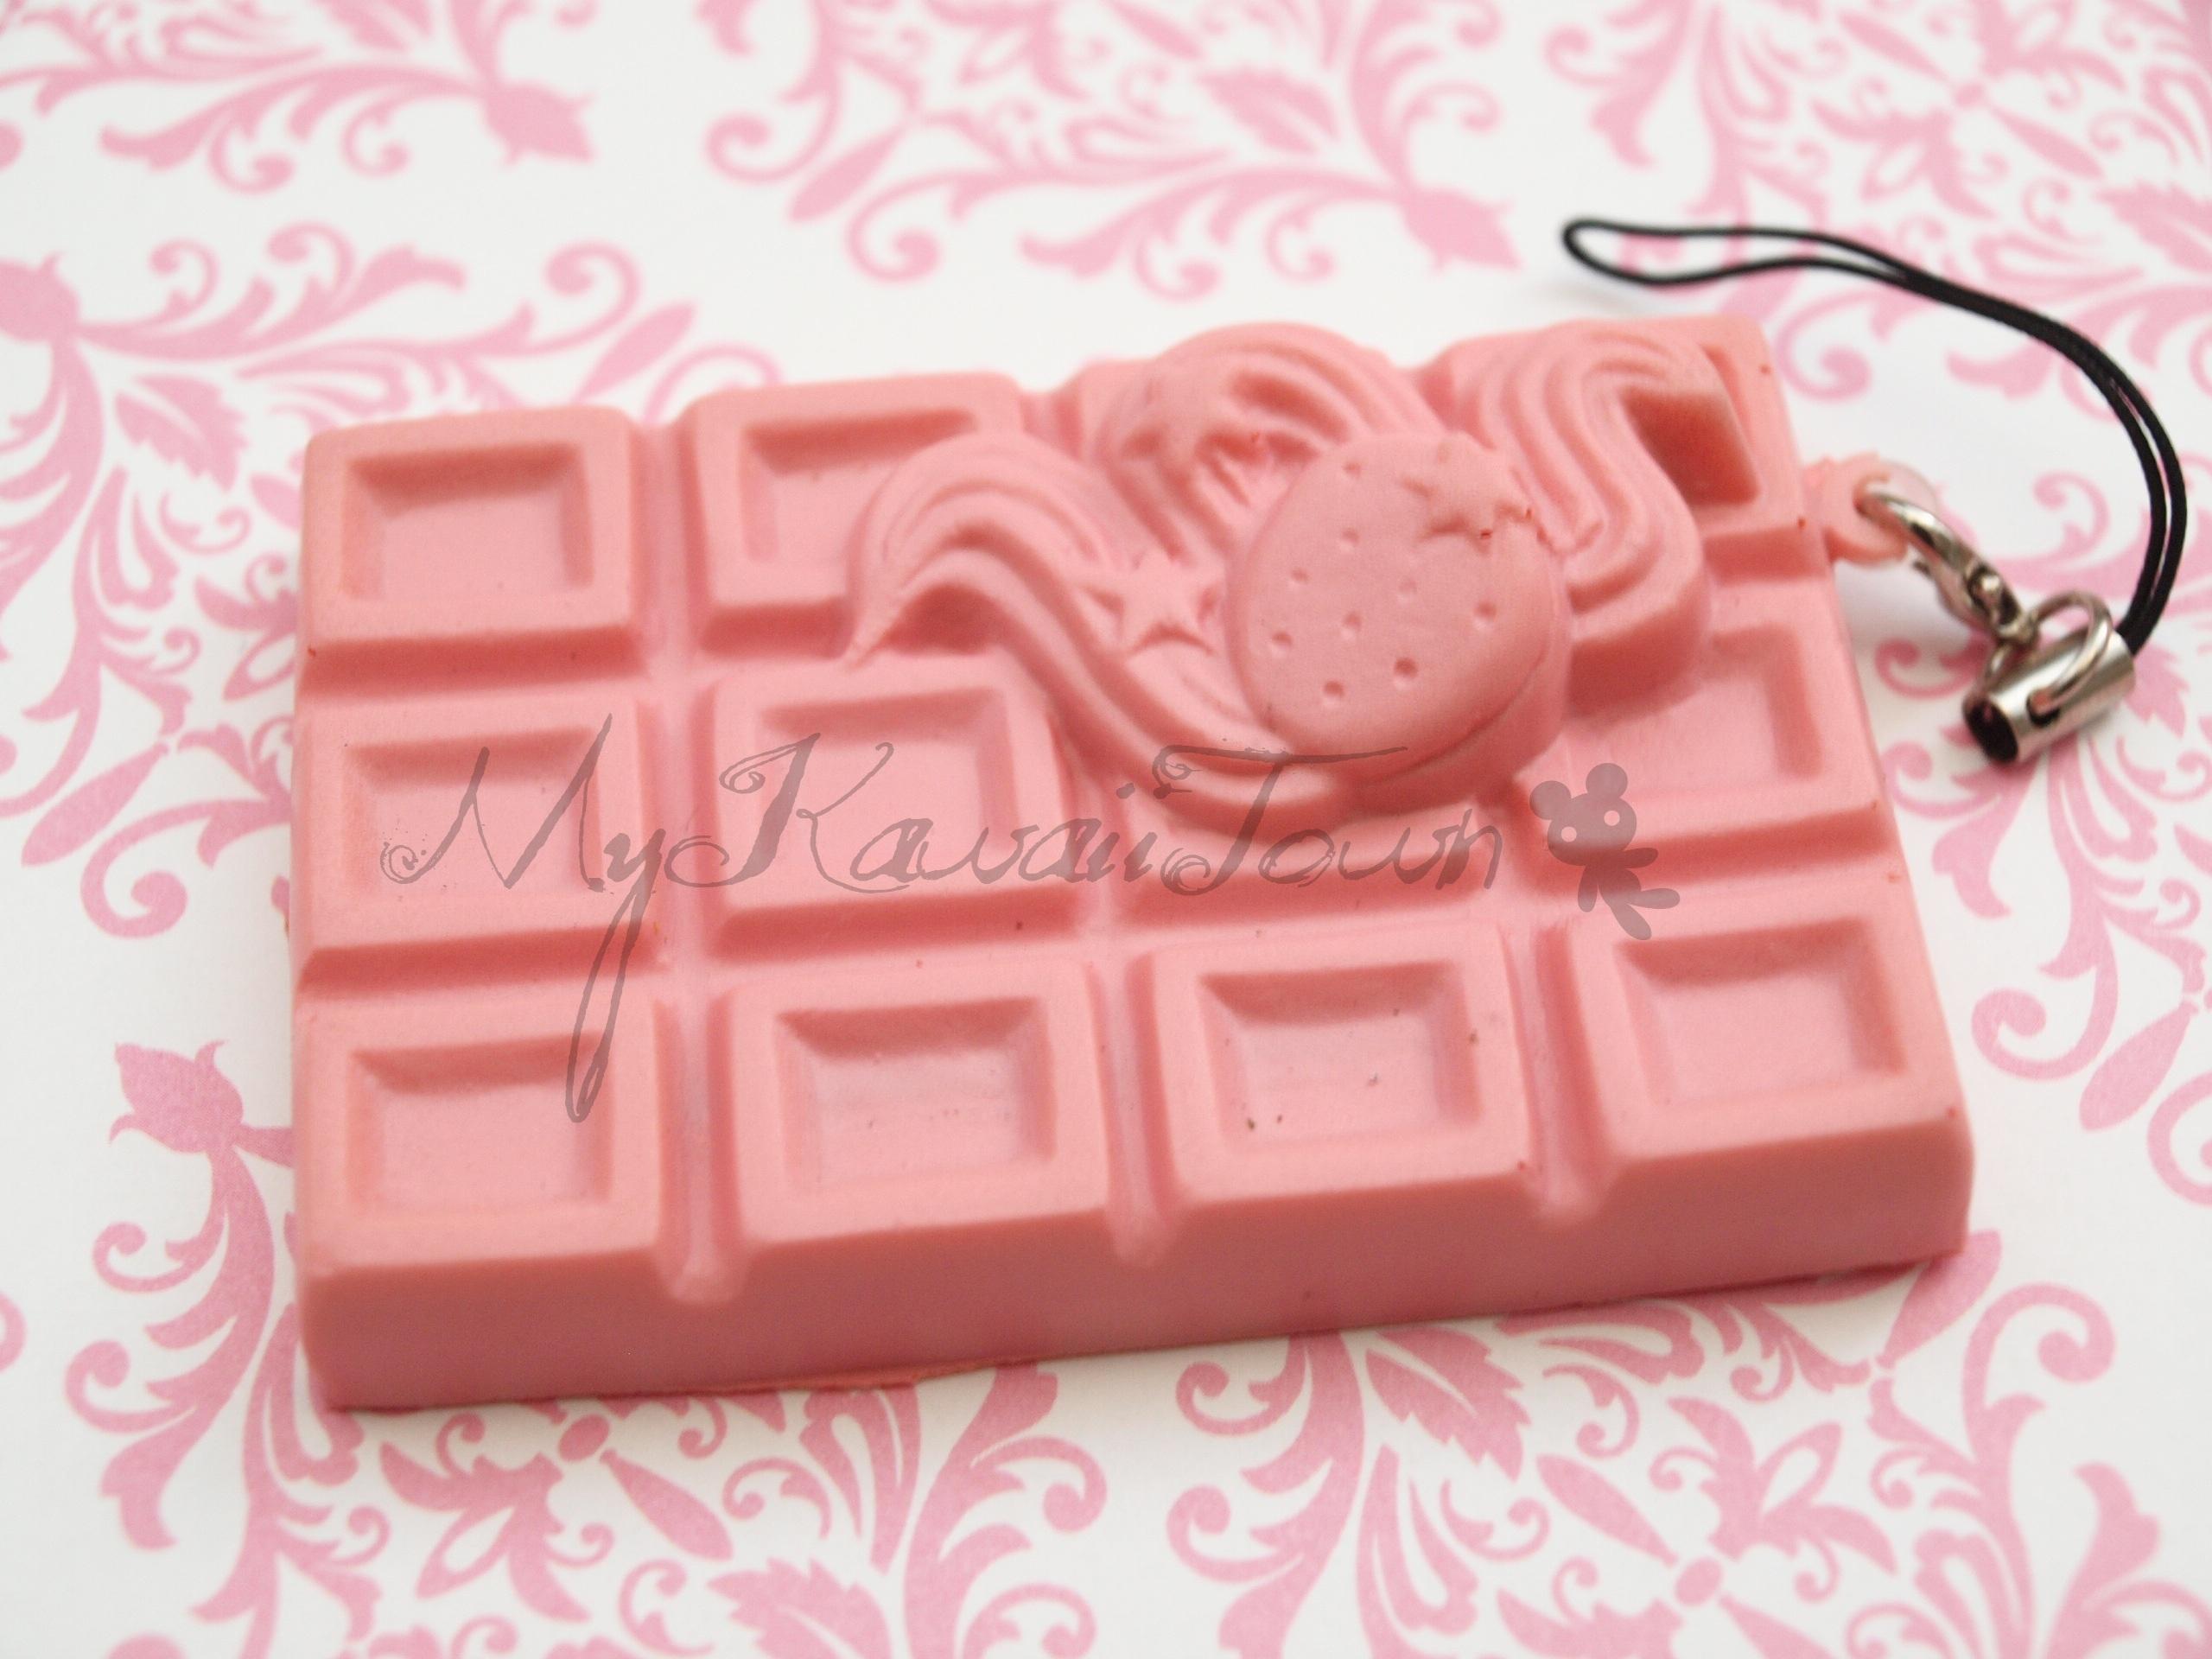 Squishy Cracking Chocolate Bar : Mykawaiitown Squishy Cracking Strawberry Chocolate Bar Online Store Powered by Storenvy